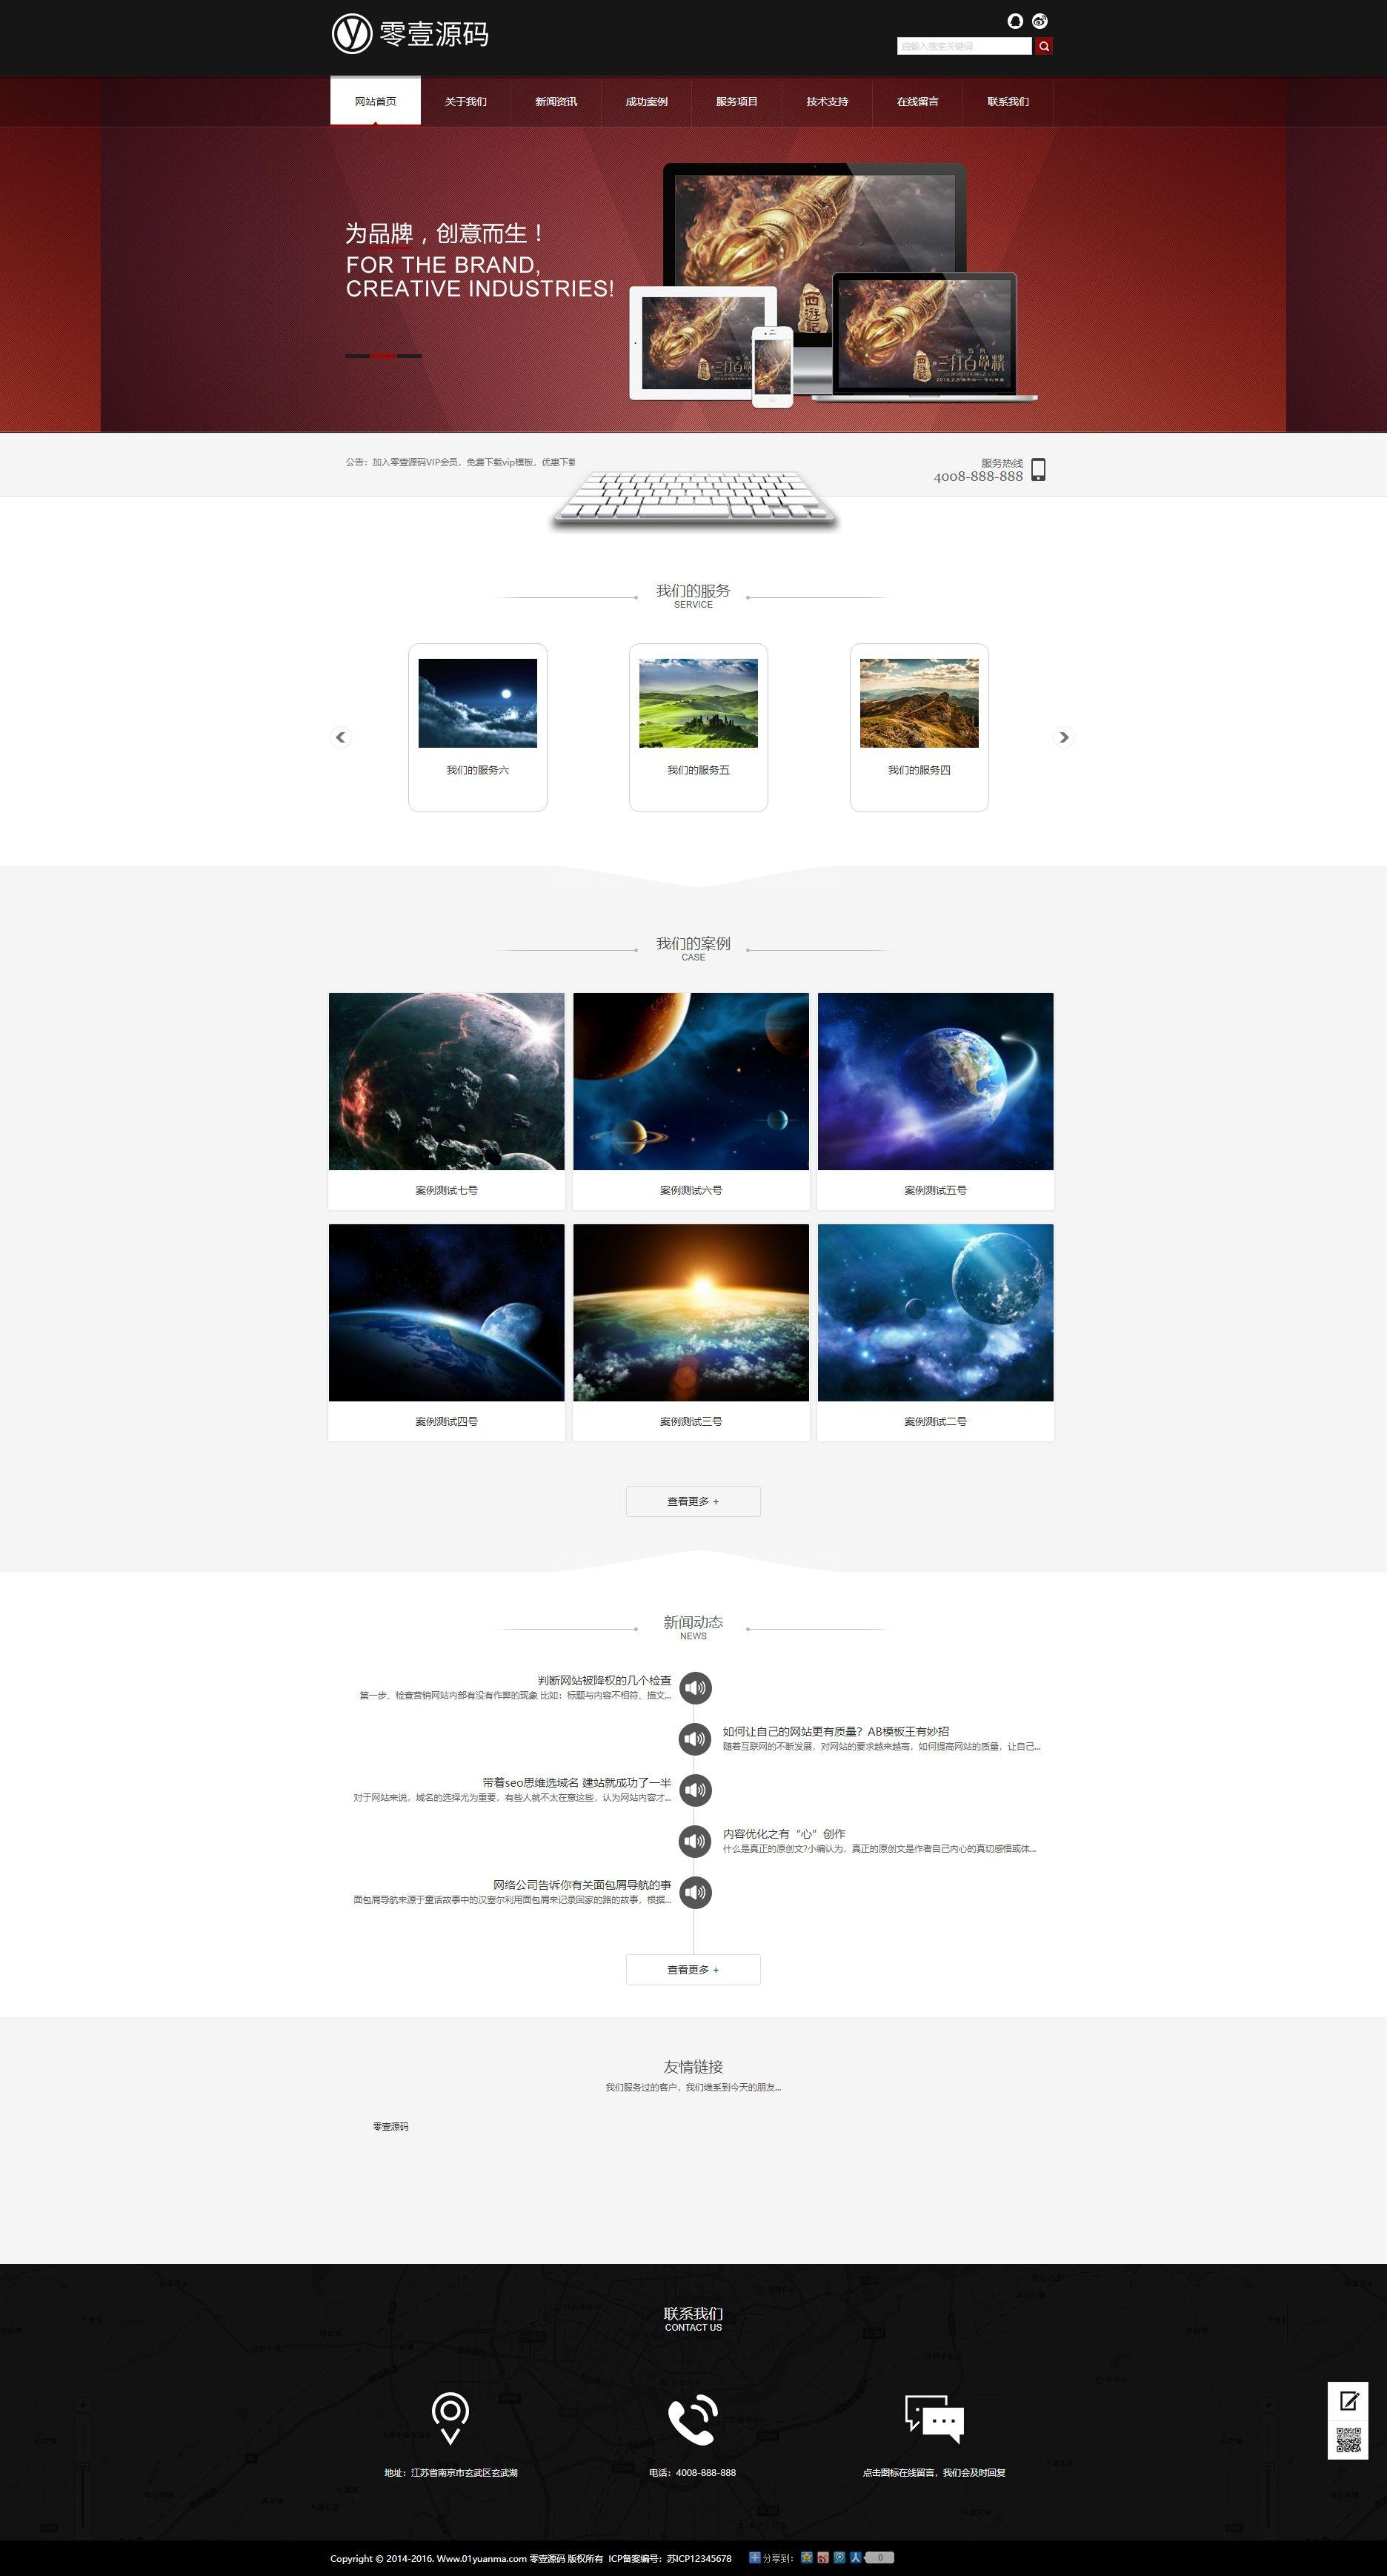 织梦dede企业公司行业网站通用模板(带手机版)